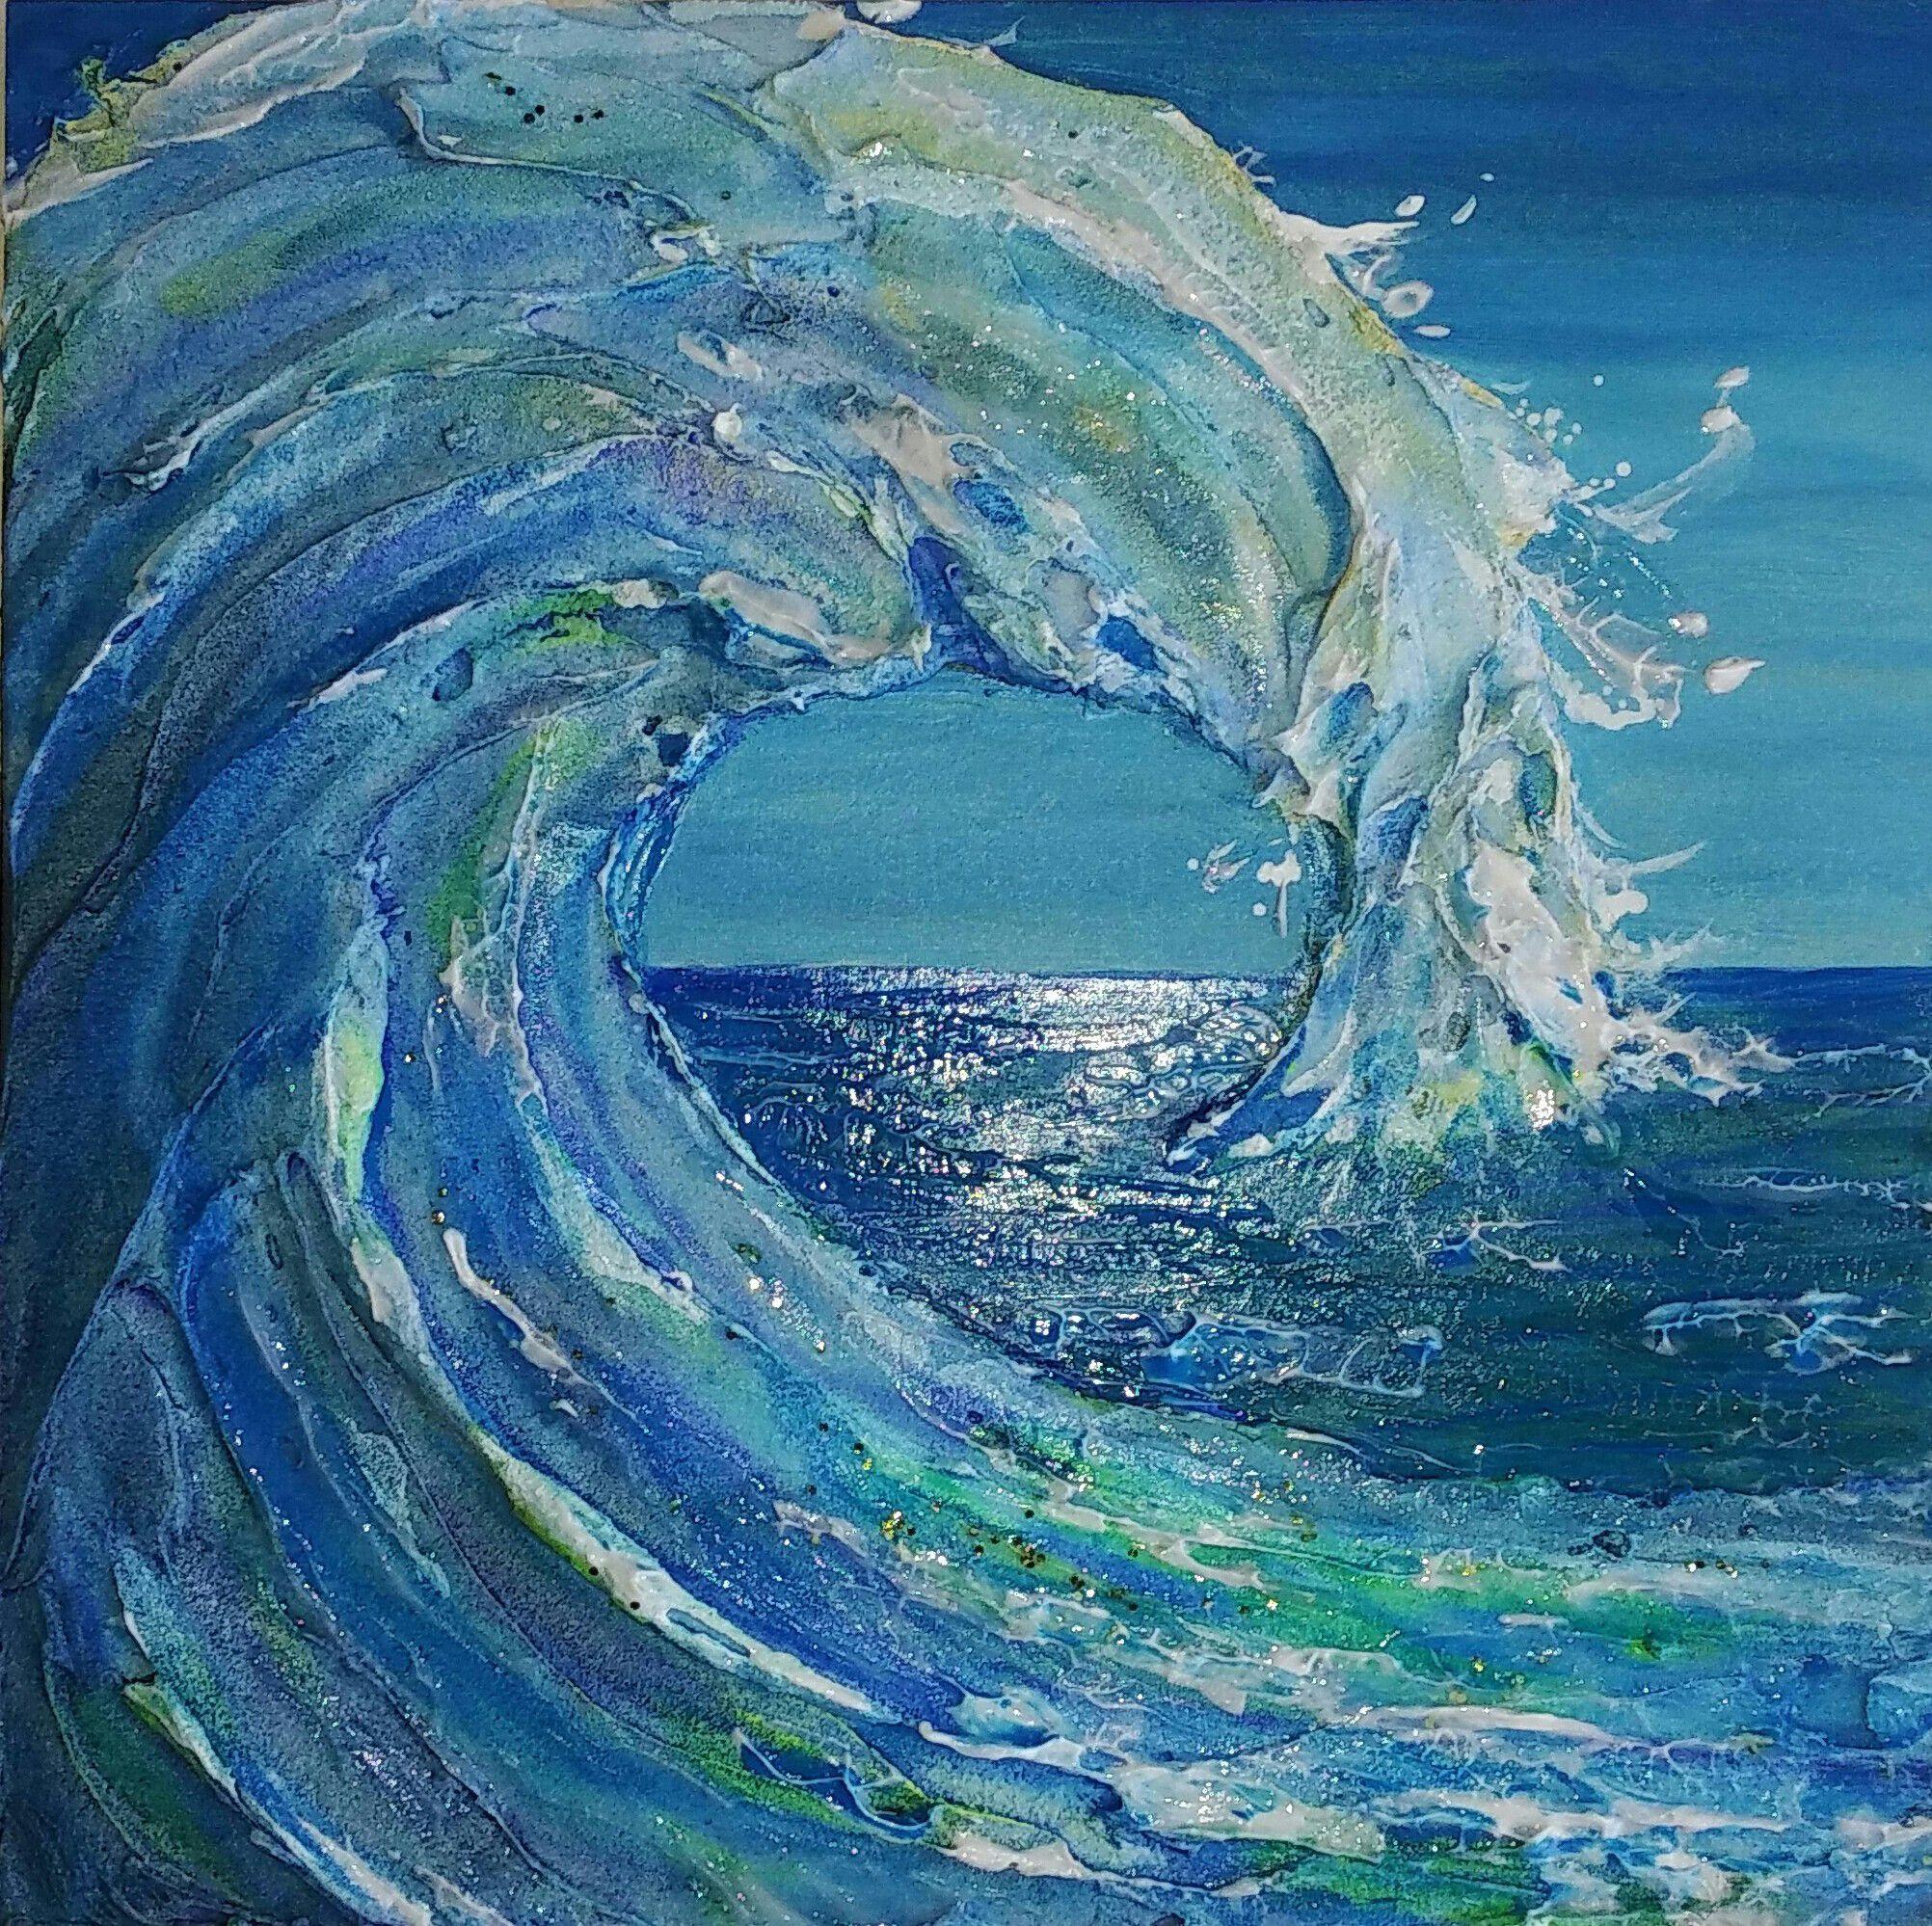 картинка как нарисовать волну скопировать фото